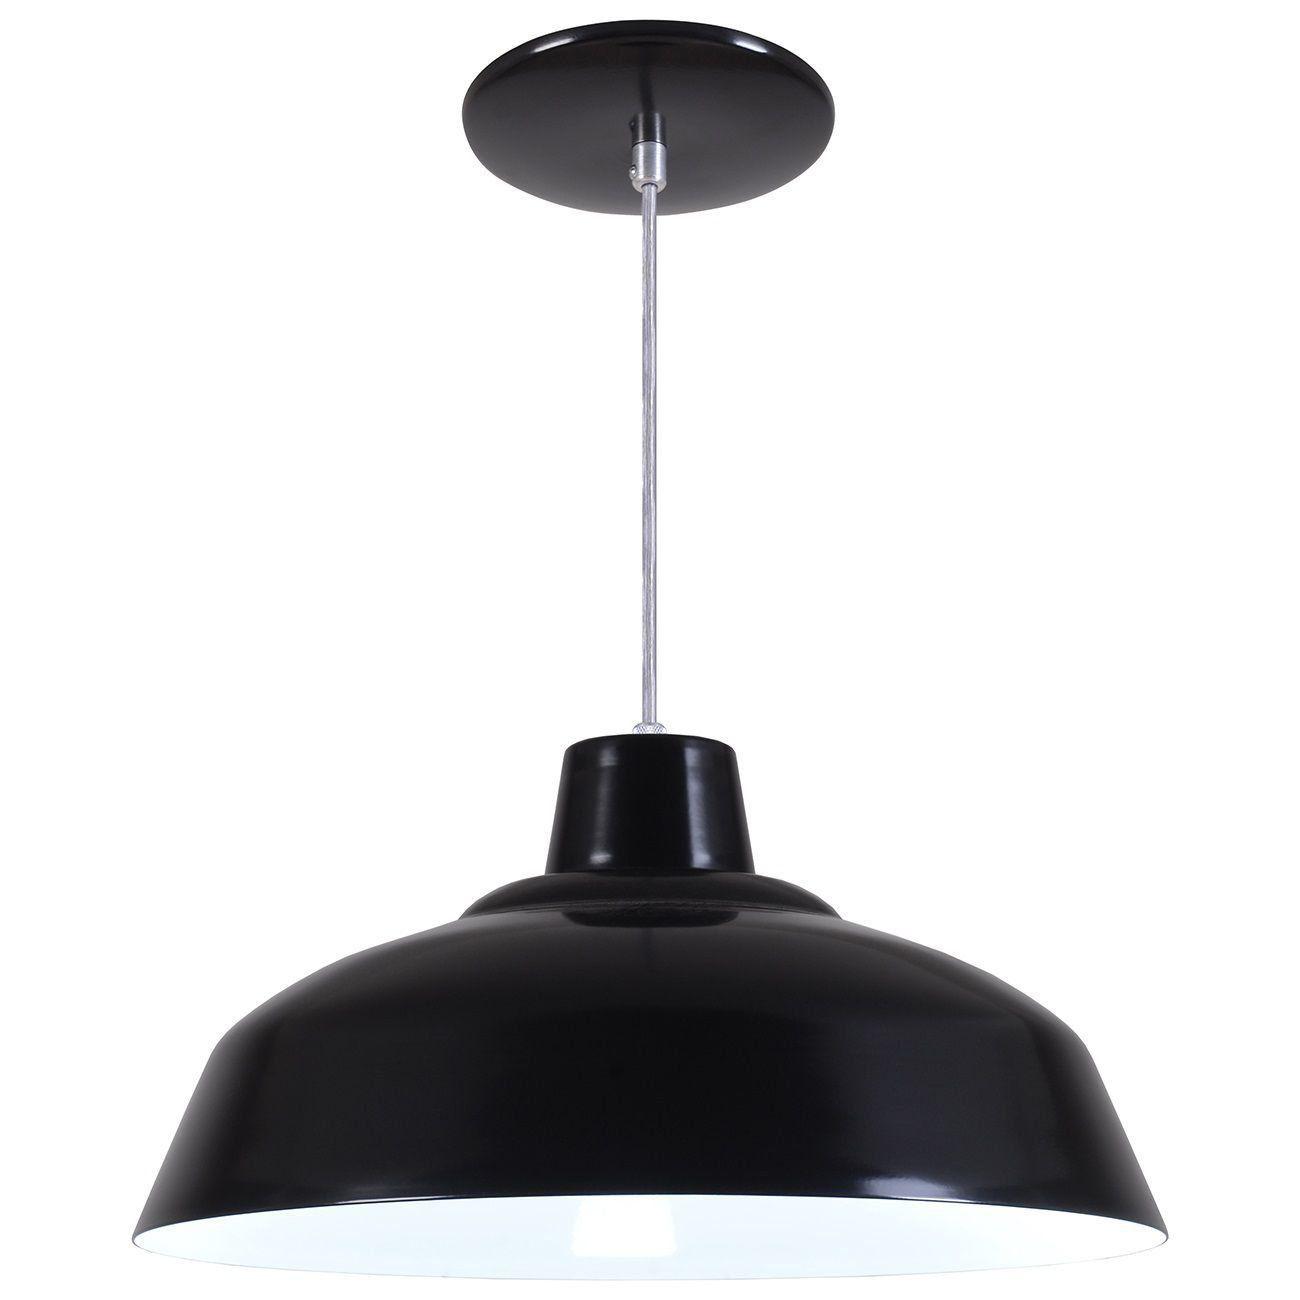 Pendente Retrô 34cm Luminária Lustre Alumínio Preto Fosco - Rei Da Iluminação